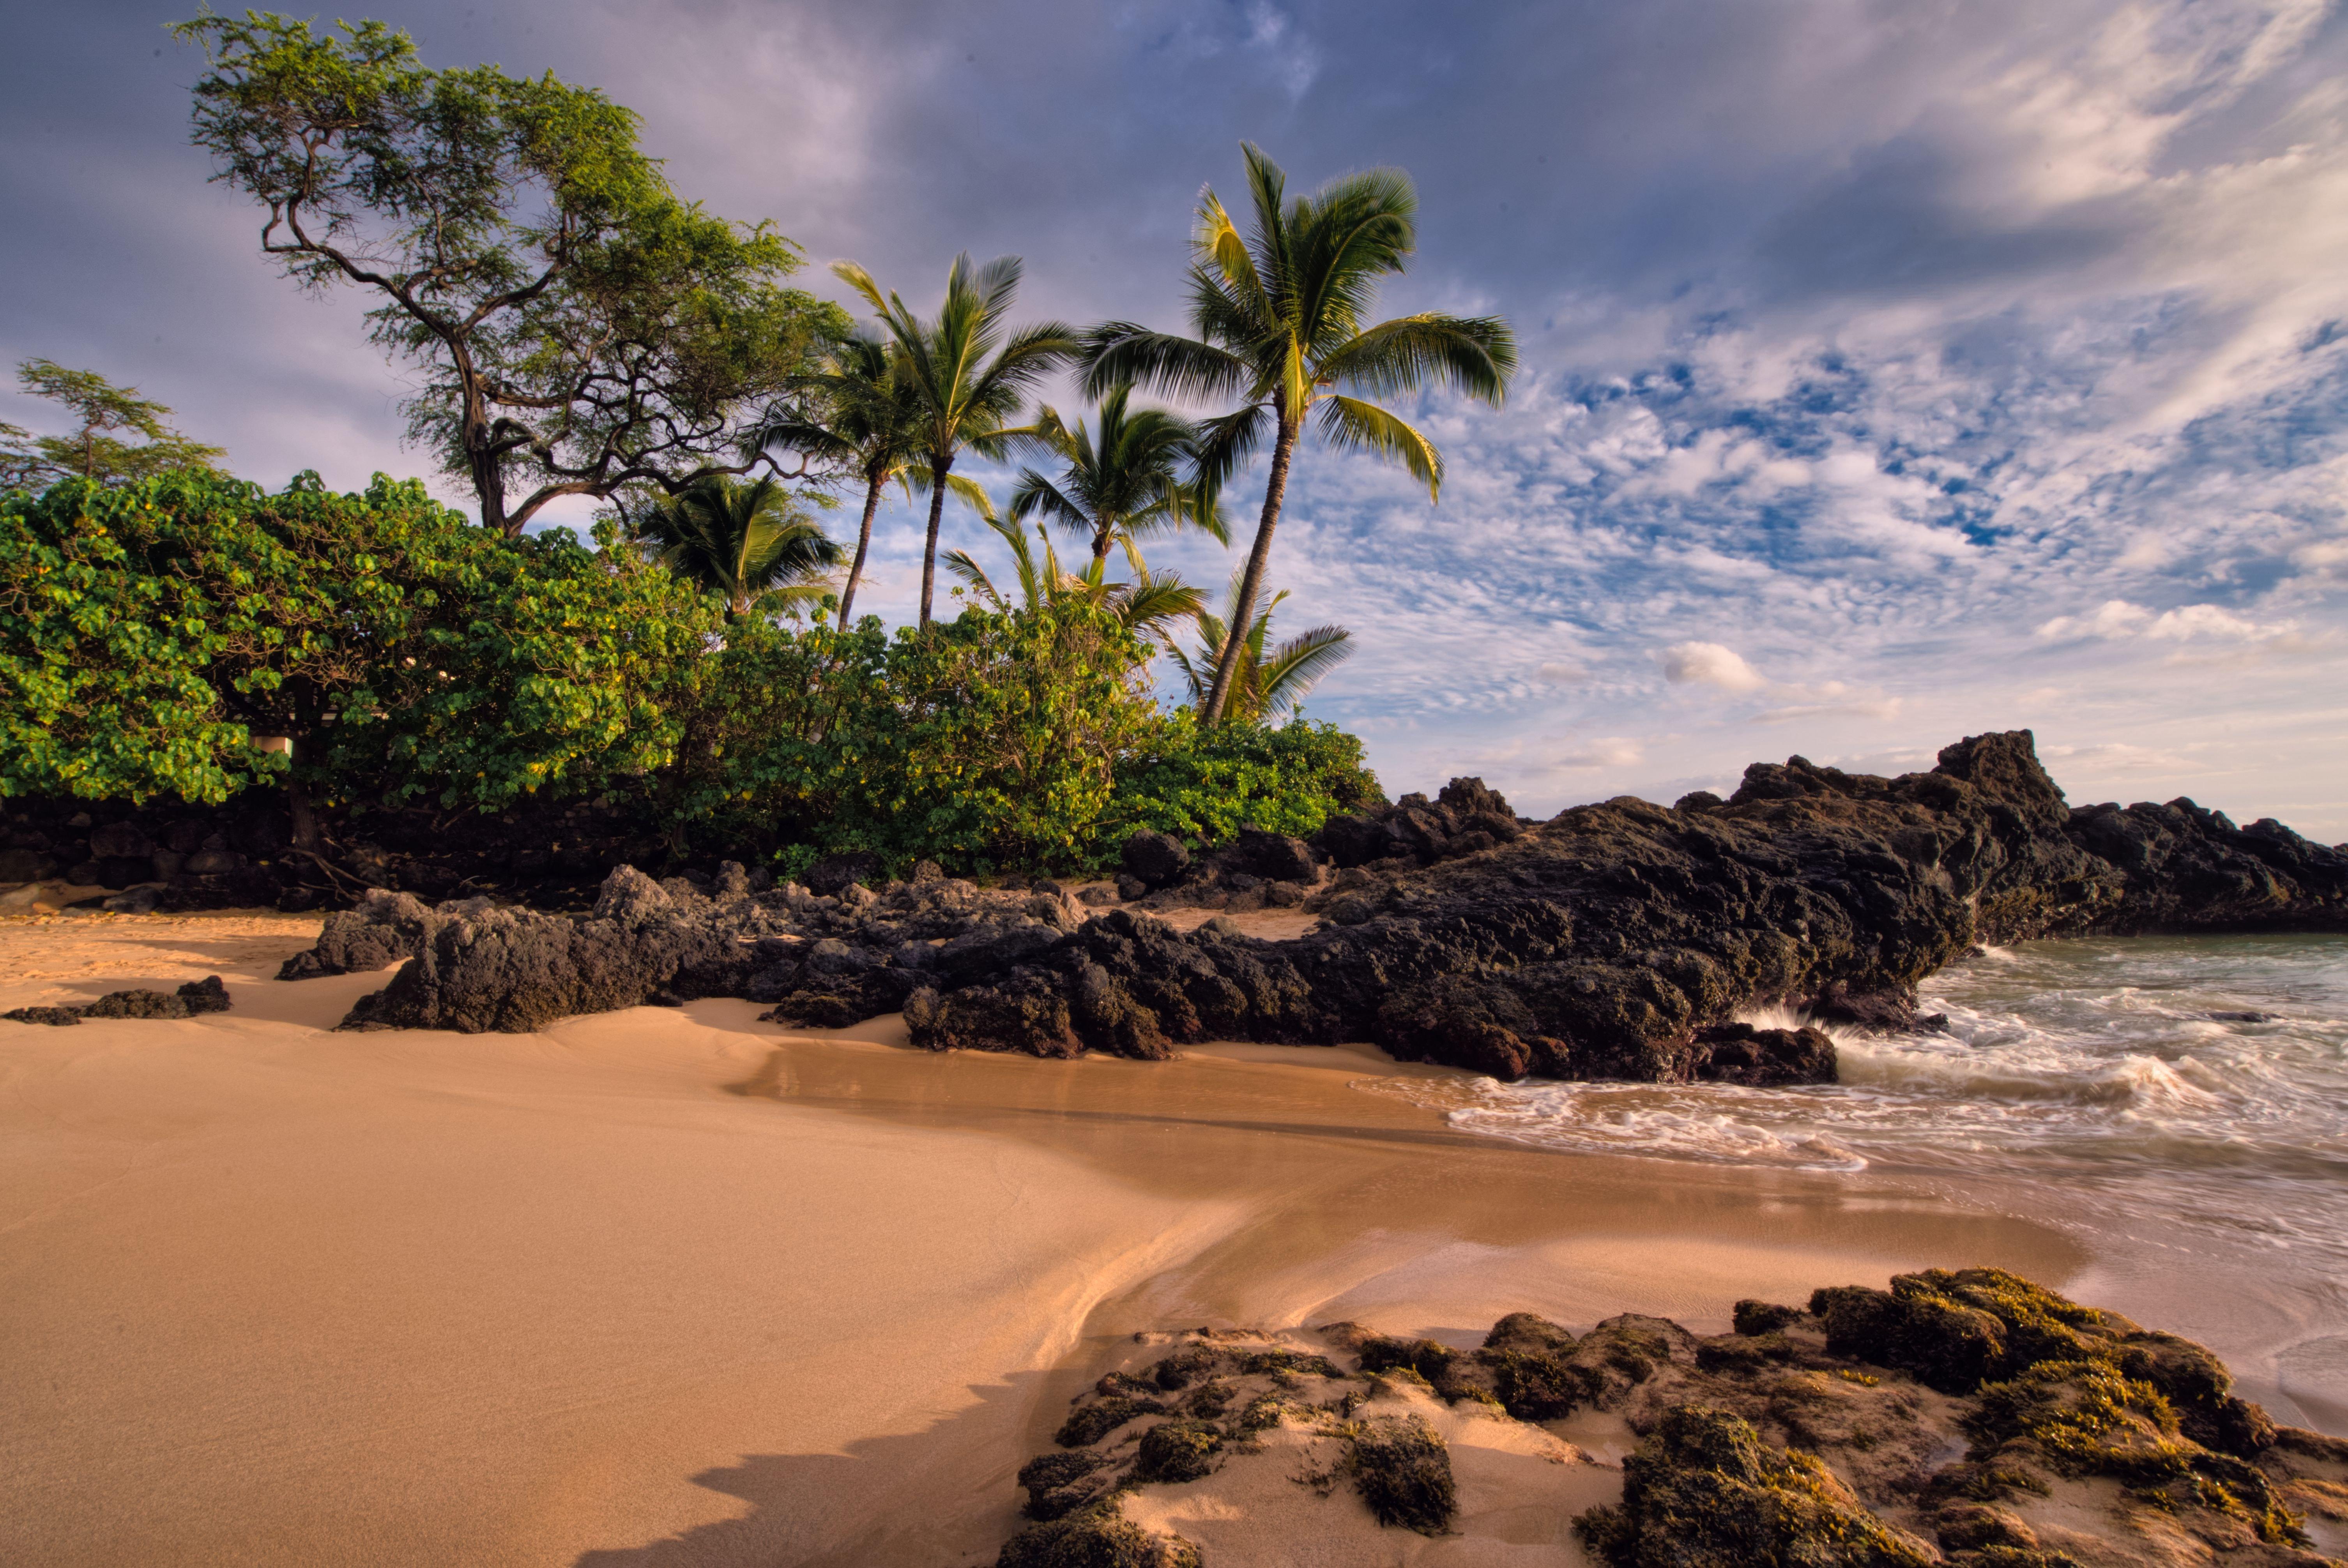 Best Beaches in Honolulu, Hawaii - Top 10 Beaches in Honolulu